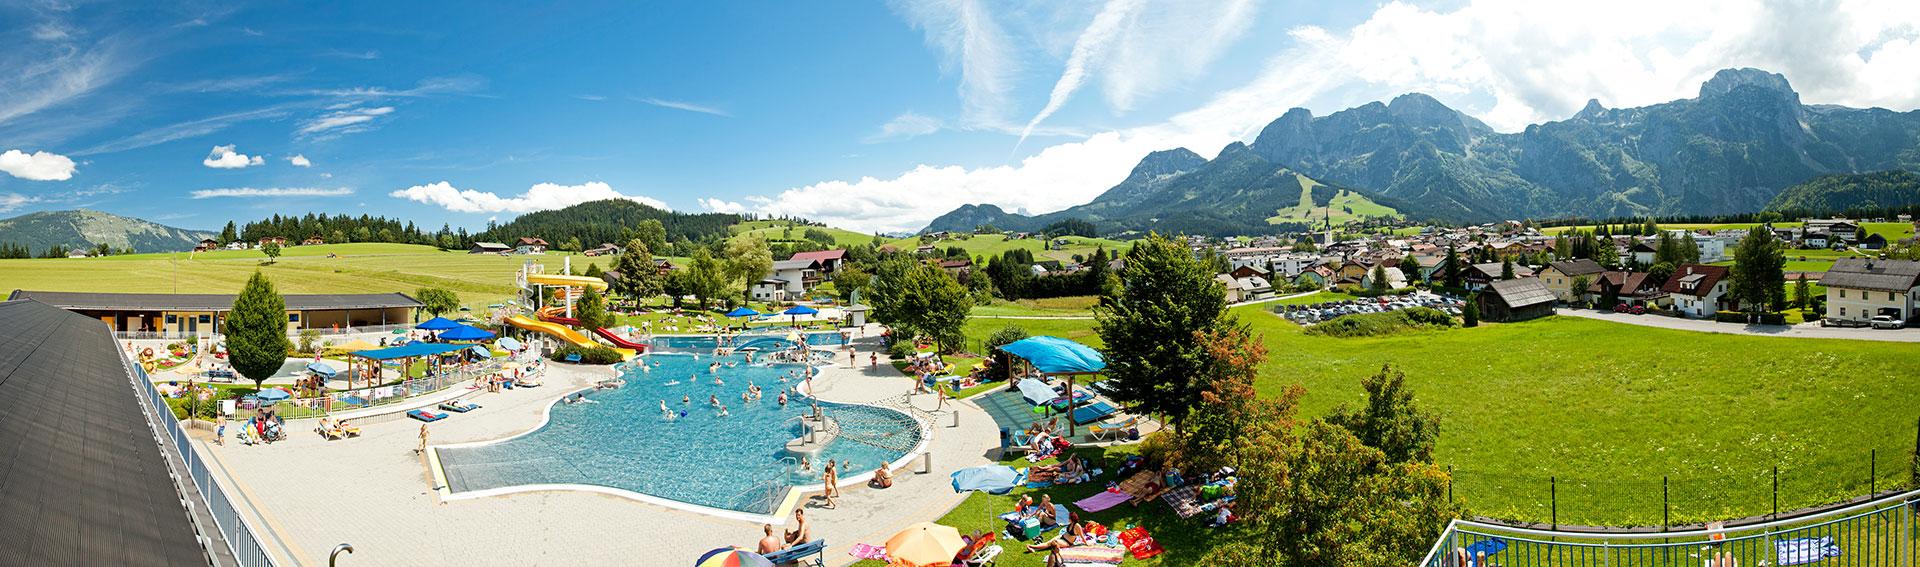 Sommerurlaub in Abtenau & Annaberg-Lungötz, Salzburg